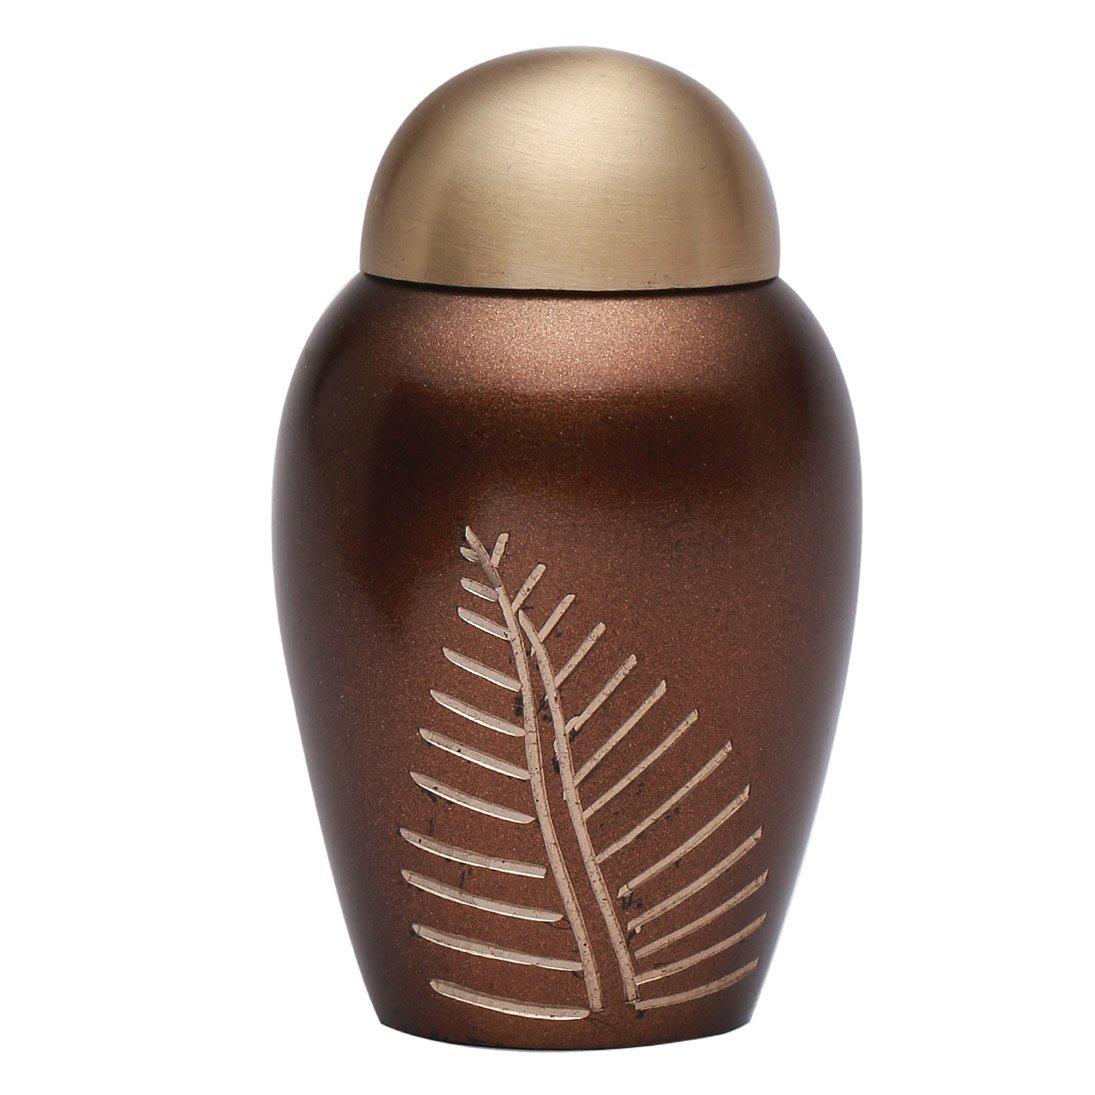 Mini Bronze Leaf Imprint Brass Funeral Keepsake Urn, Cremation Urn for Human Ashes